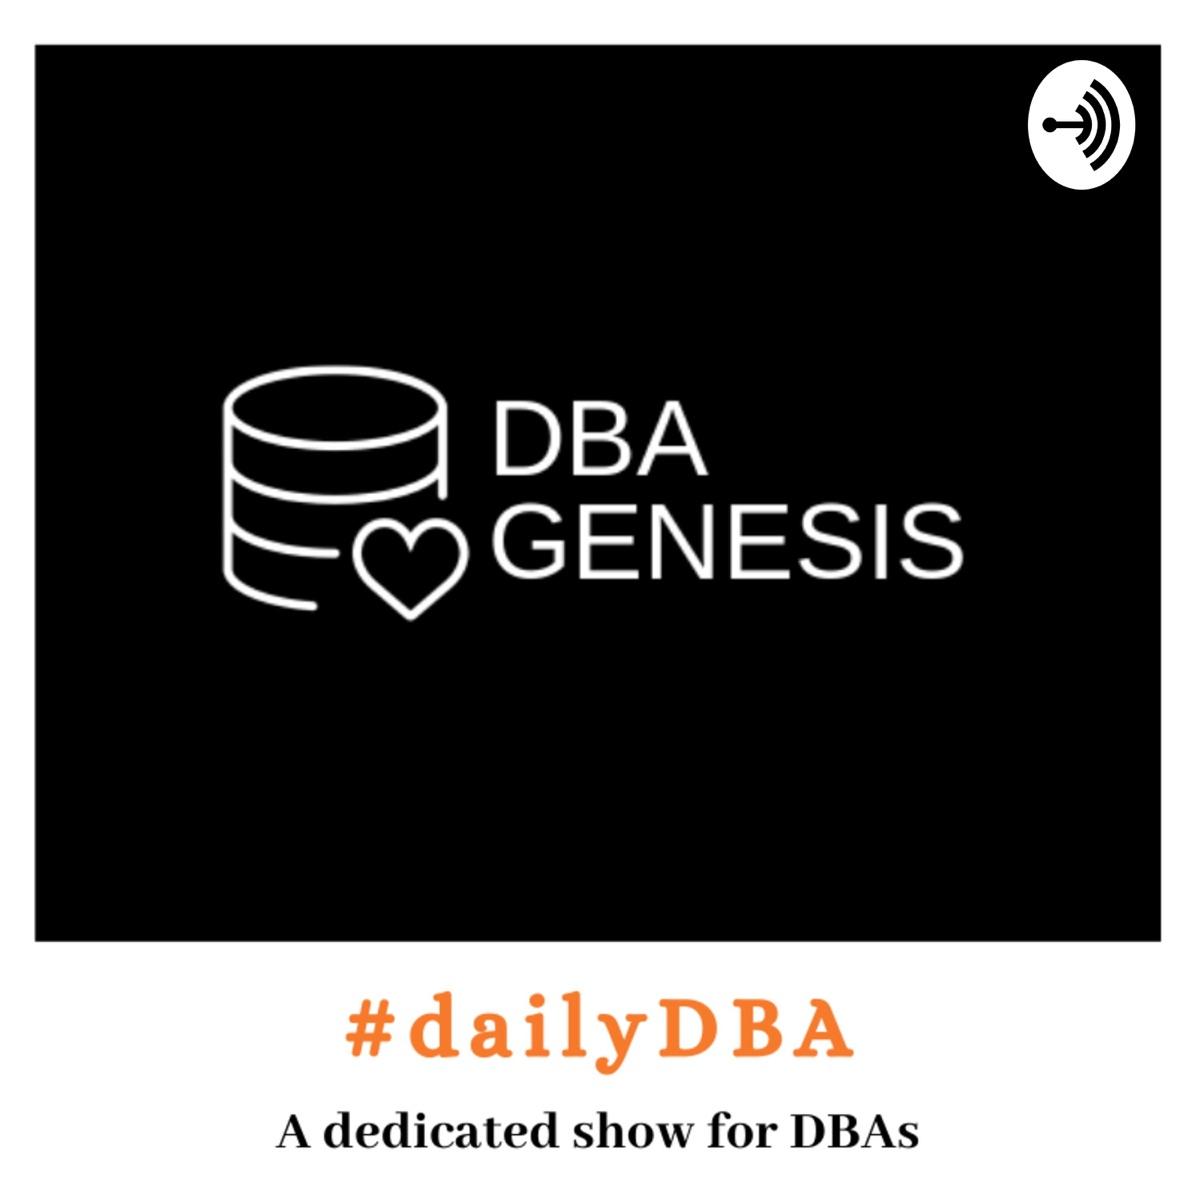 DBA Genesis Audio Experience